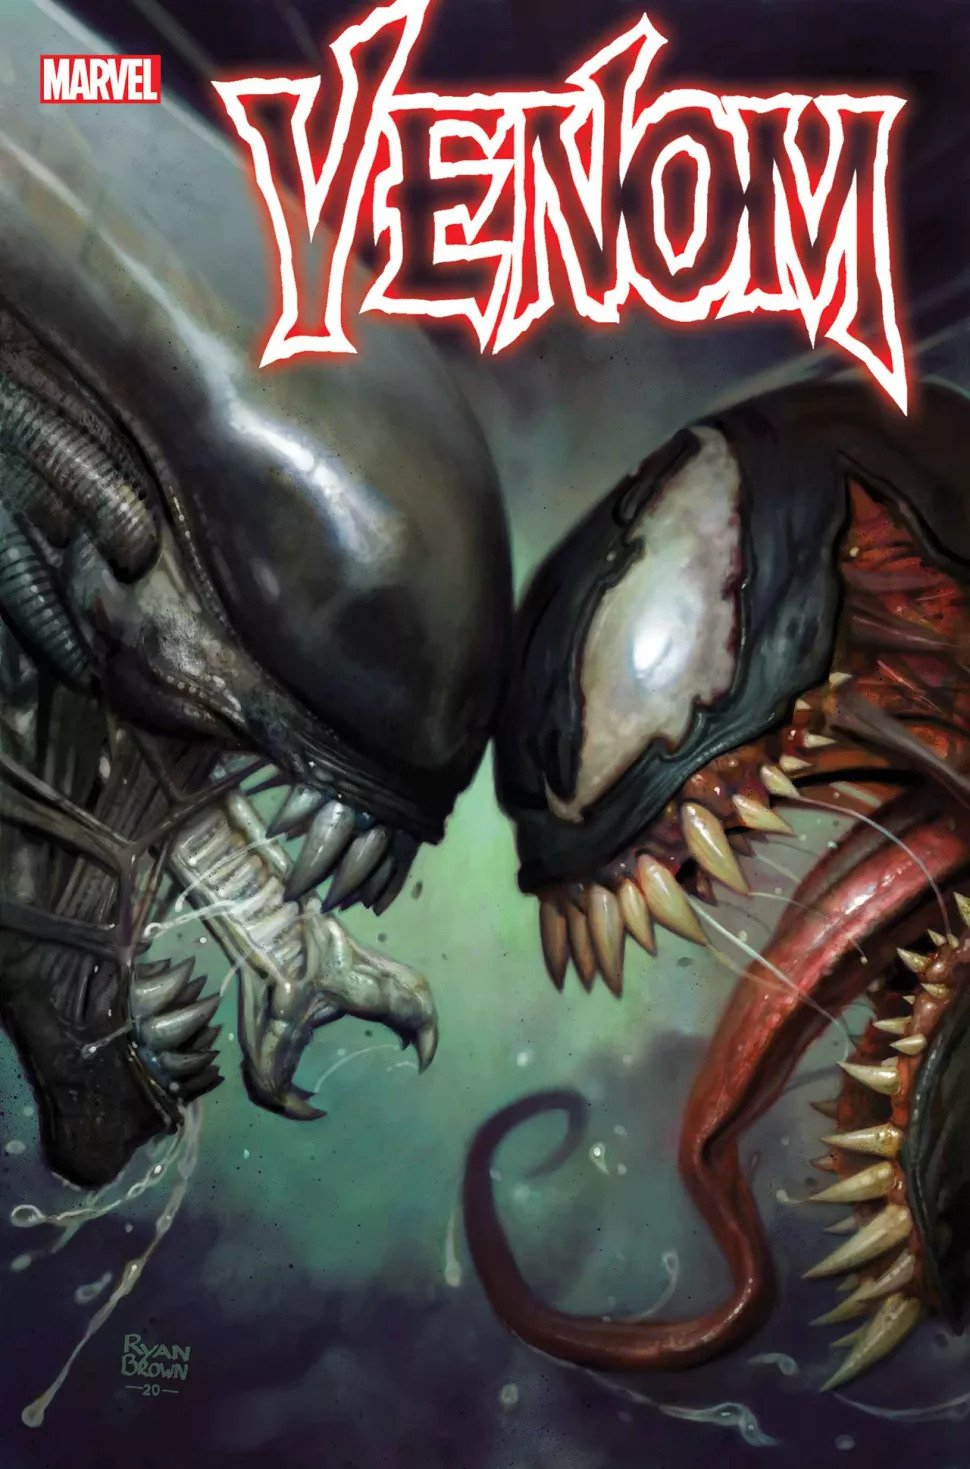 Uniwersum Marvela vs, Obcy - alternatywne okładki styczniowych zeszytów